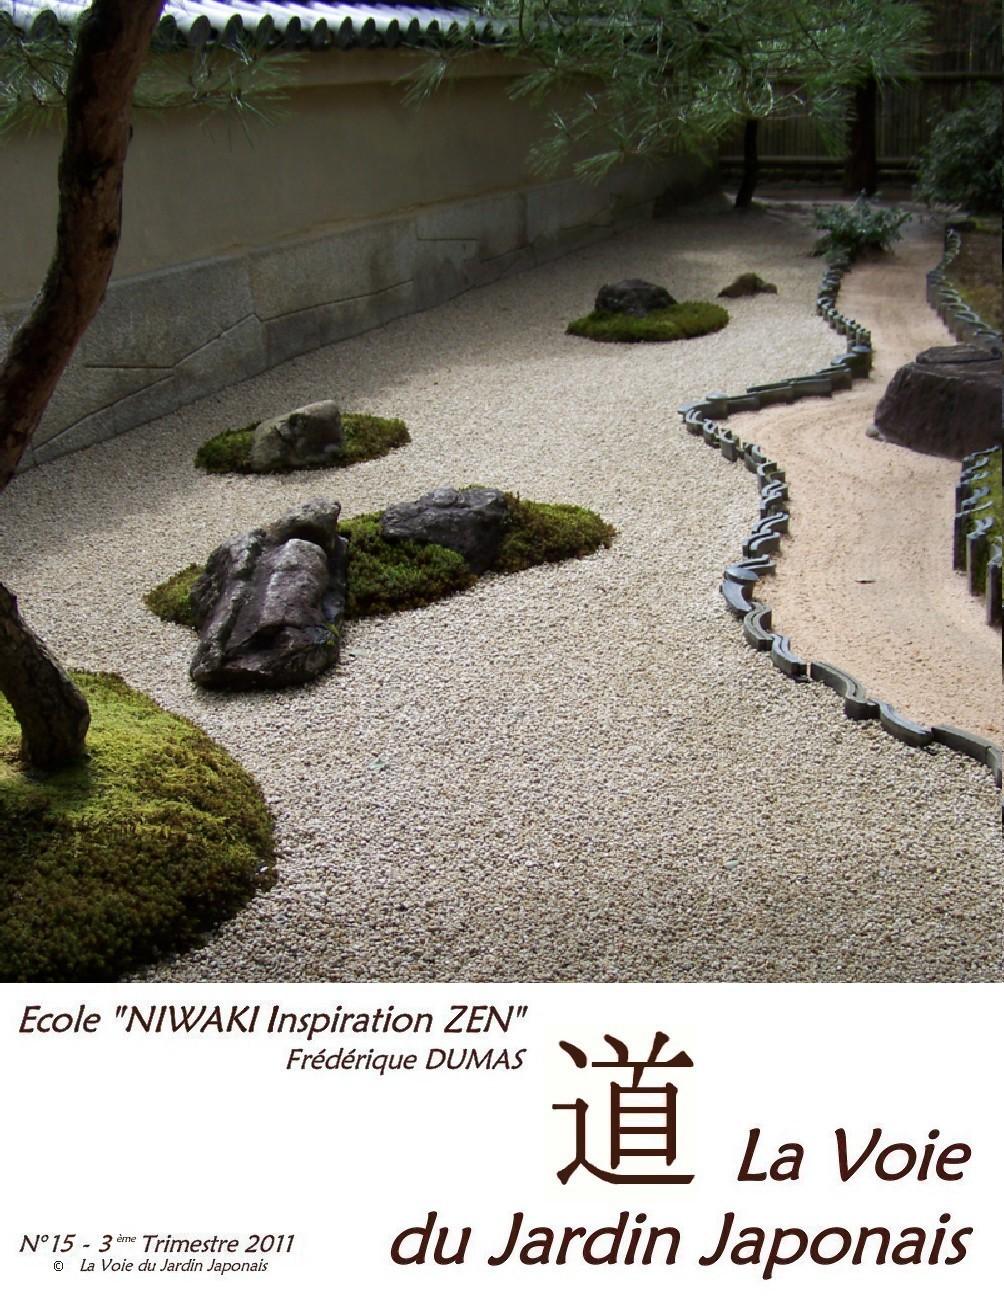 la-voie-du-jardin-japonais-15 - Le BLOG de FREDERIQUE DUMAS